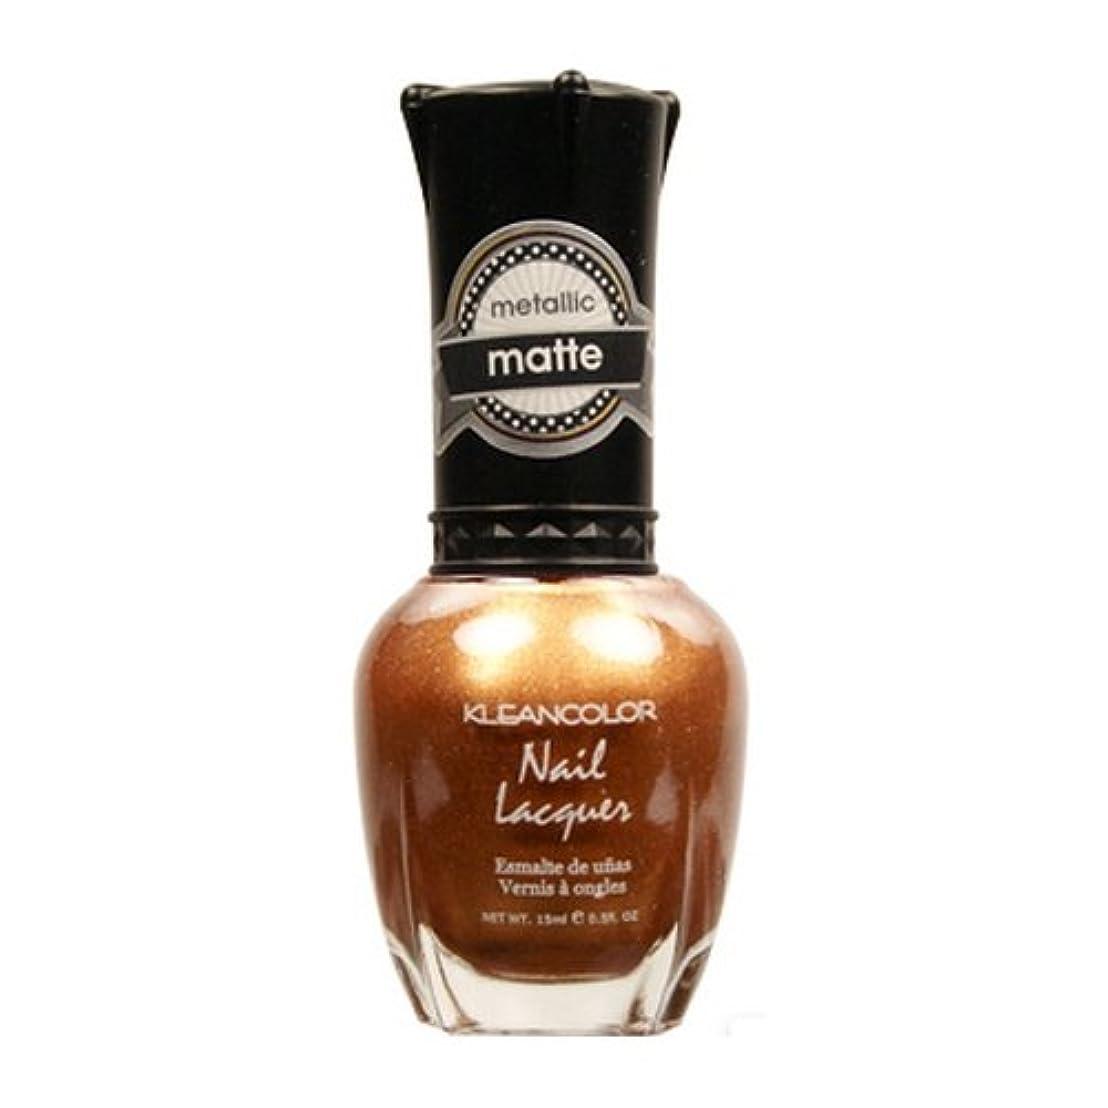 一口レクリエーション振り子(3 Pack) KLEANCOLOR Matte Nail Lacquer - Life in Gold Castle (並行輸入品)